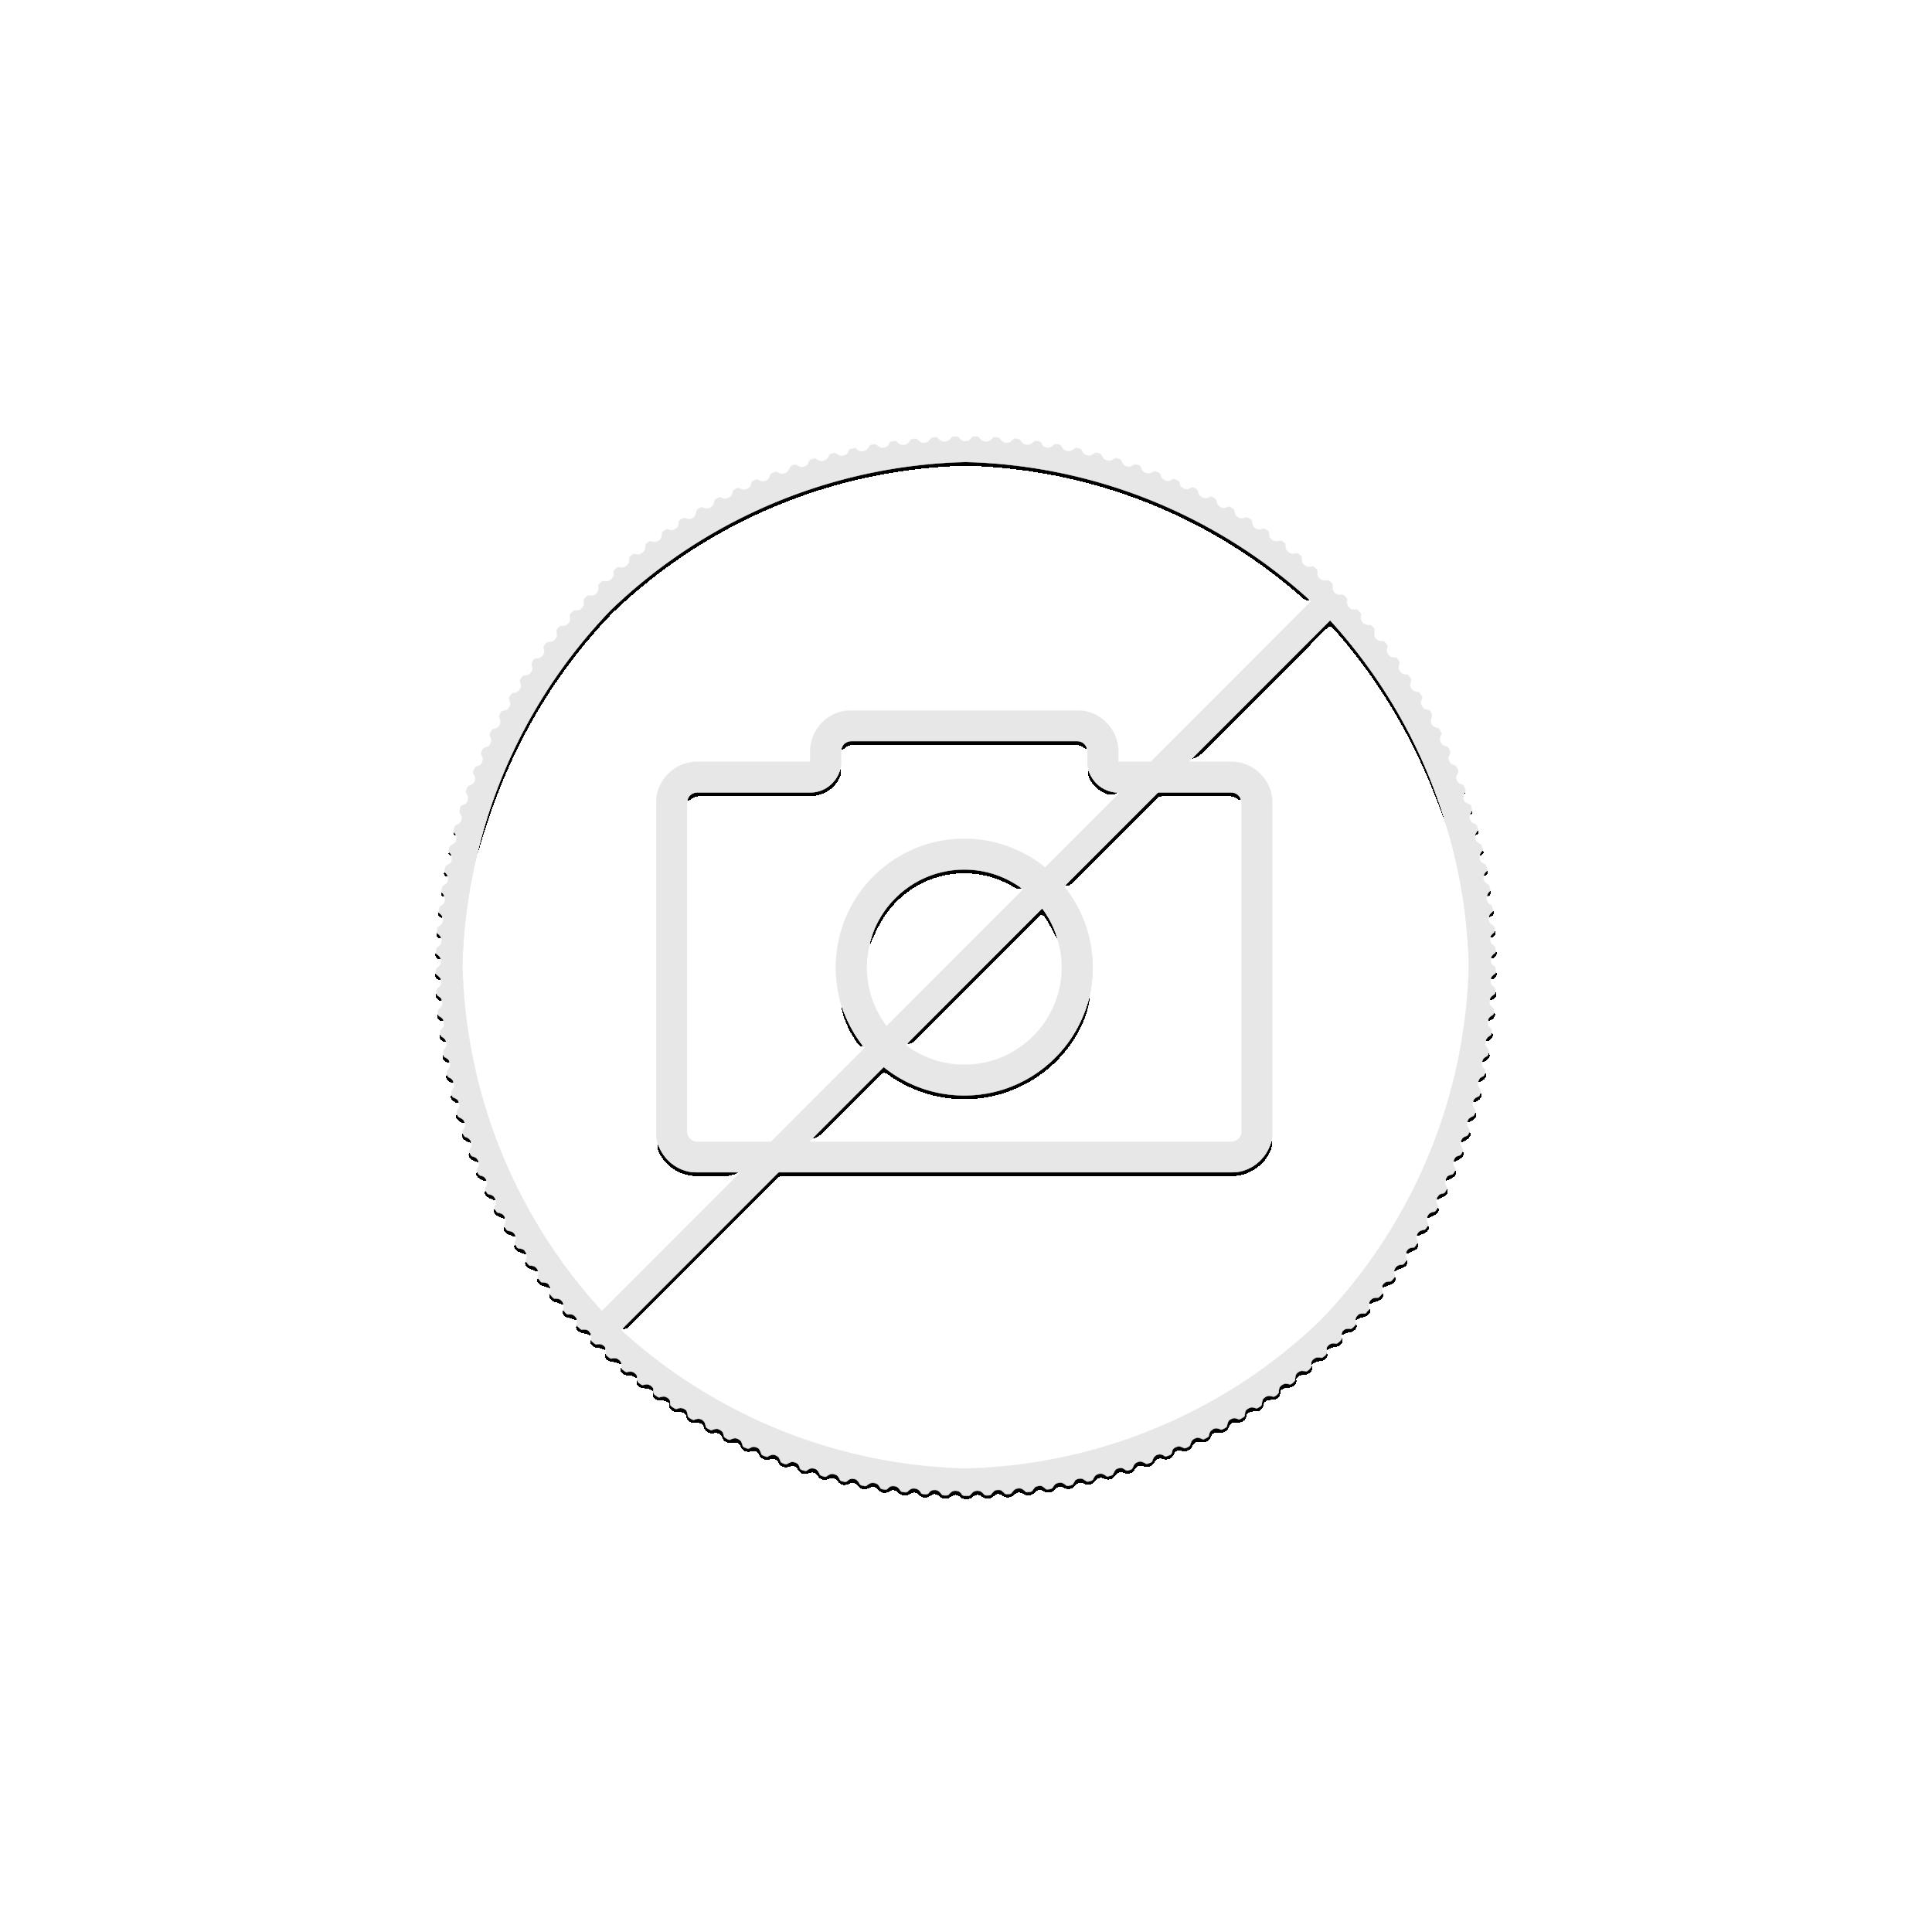 1 kilo Kookaburra zilver munt 1995